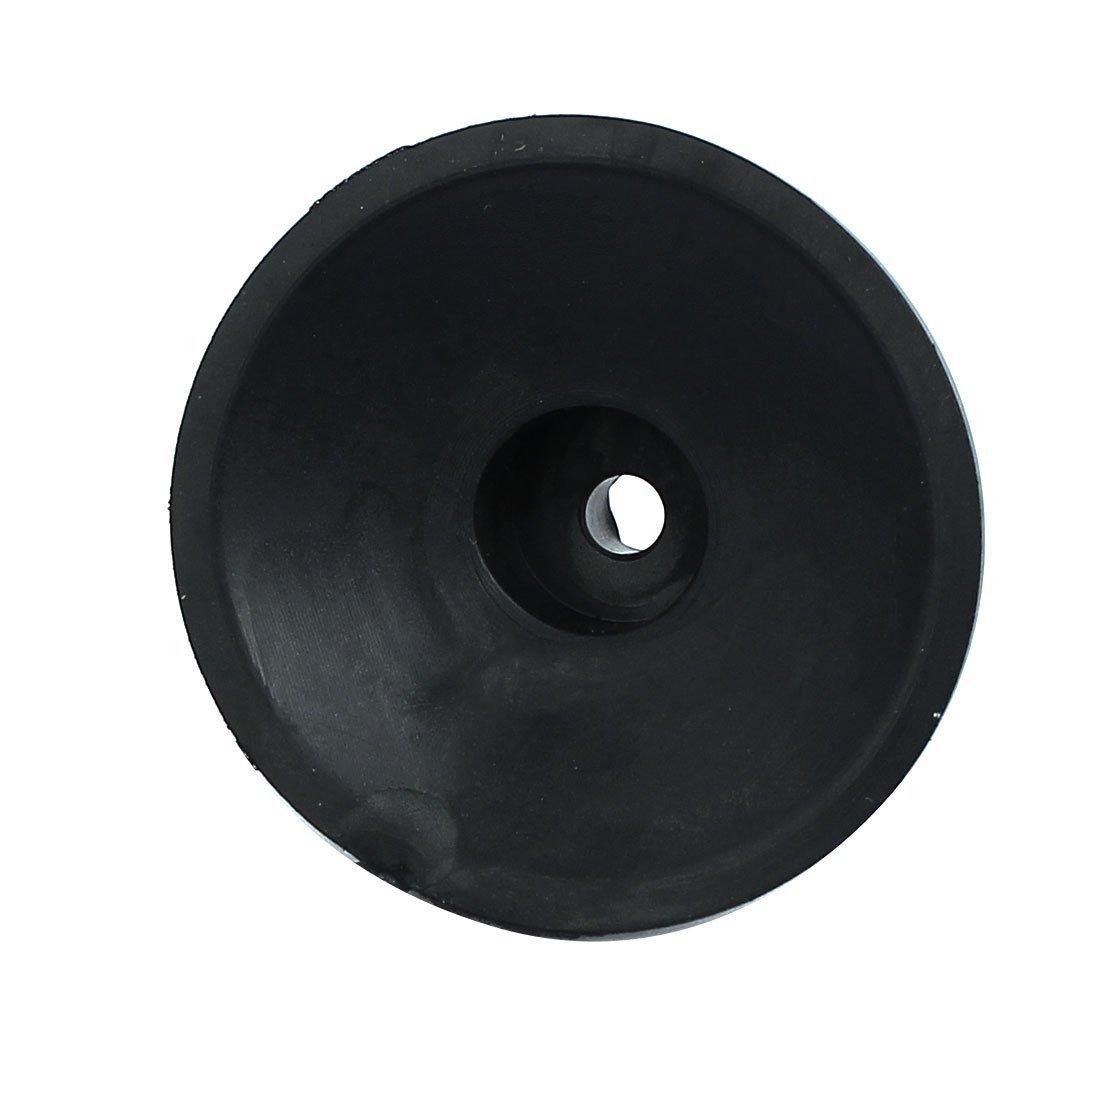 eDealMax 47mmx18mm Air Compressor Replacement Foot Pad Black 4pcs